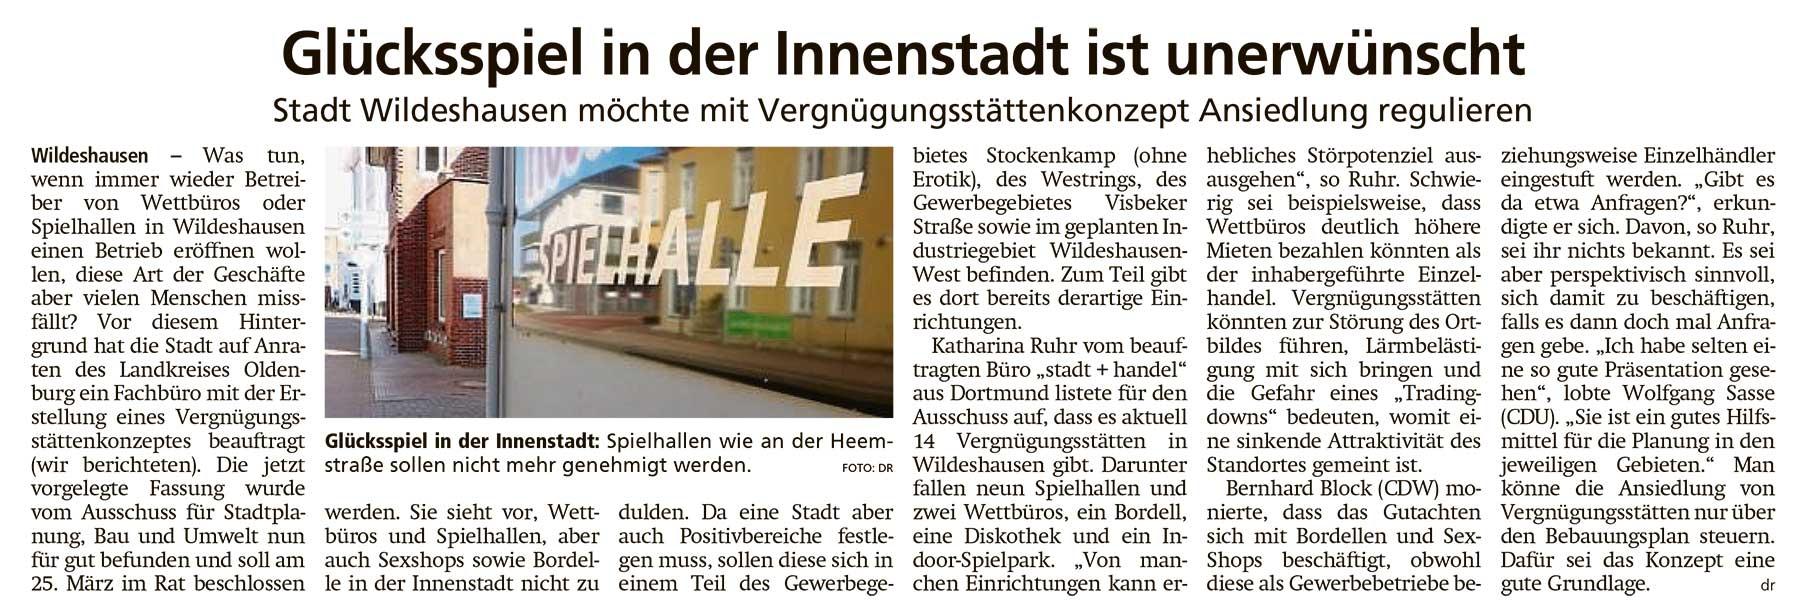 Glücksspiel in der Innenstadt ist unerwünschtStadt Wildeshausen möchte mit Vergnügungsstättenkonzept Ansiedlung regulierenArtikel vom 04.03.2021 (WZ)